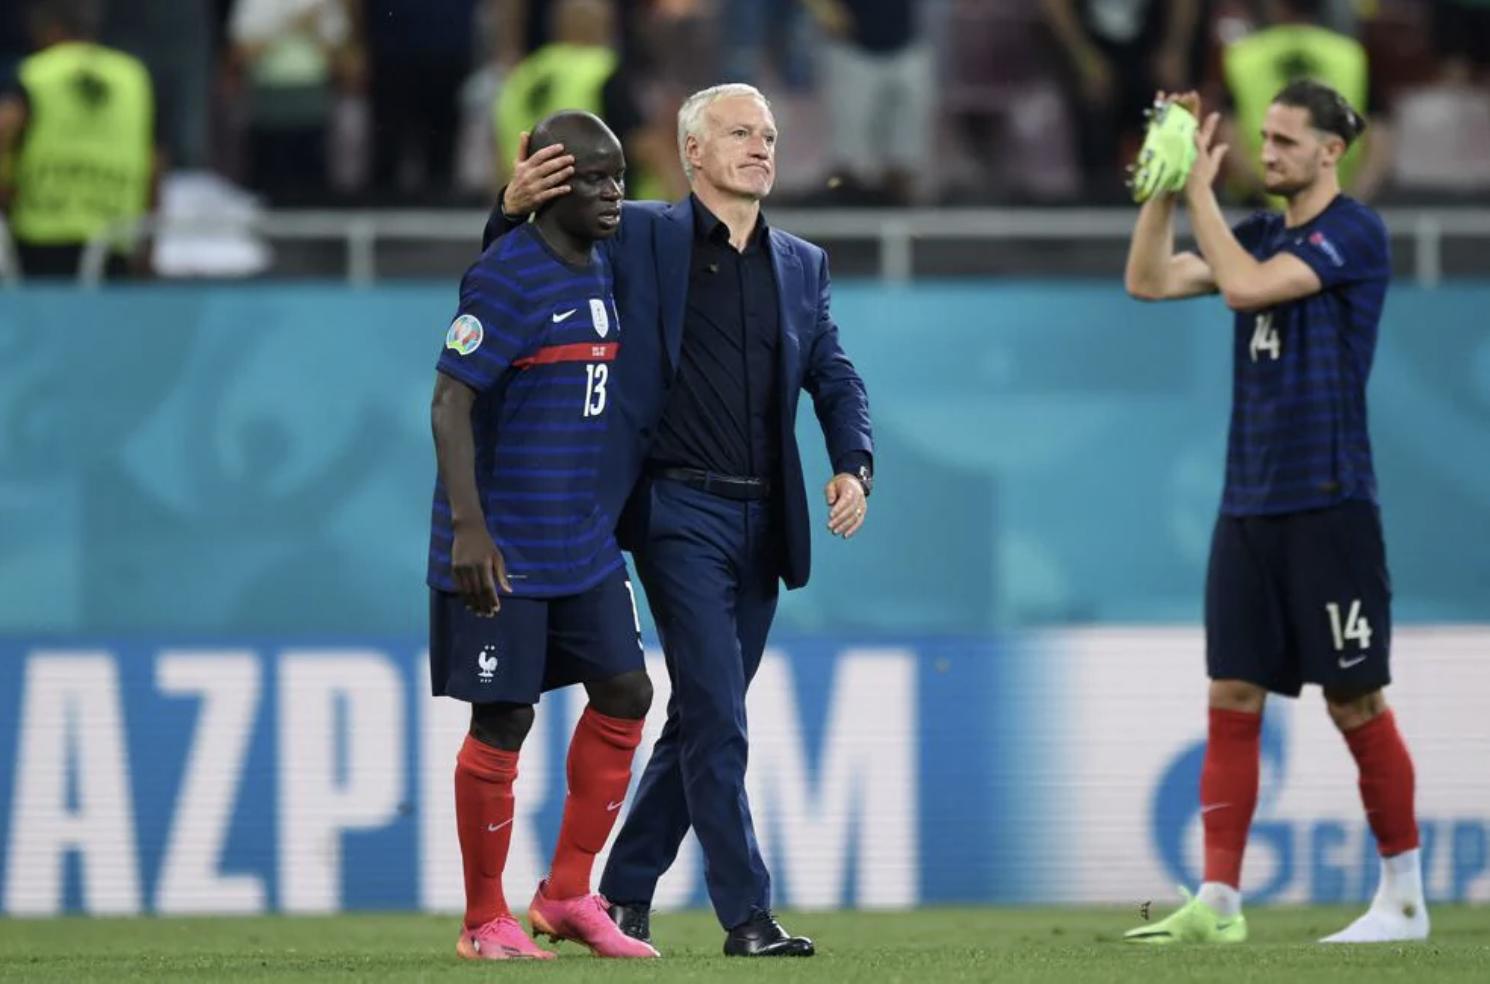 Deschamps mendorong Kante setelah pertandingan.  Foto: UEFA